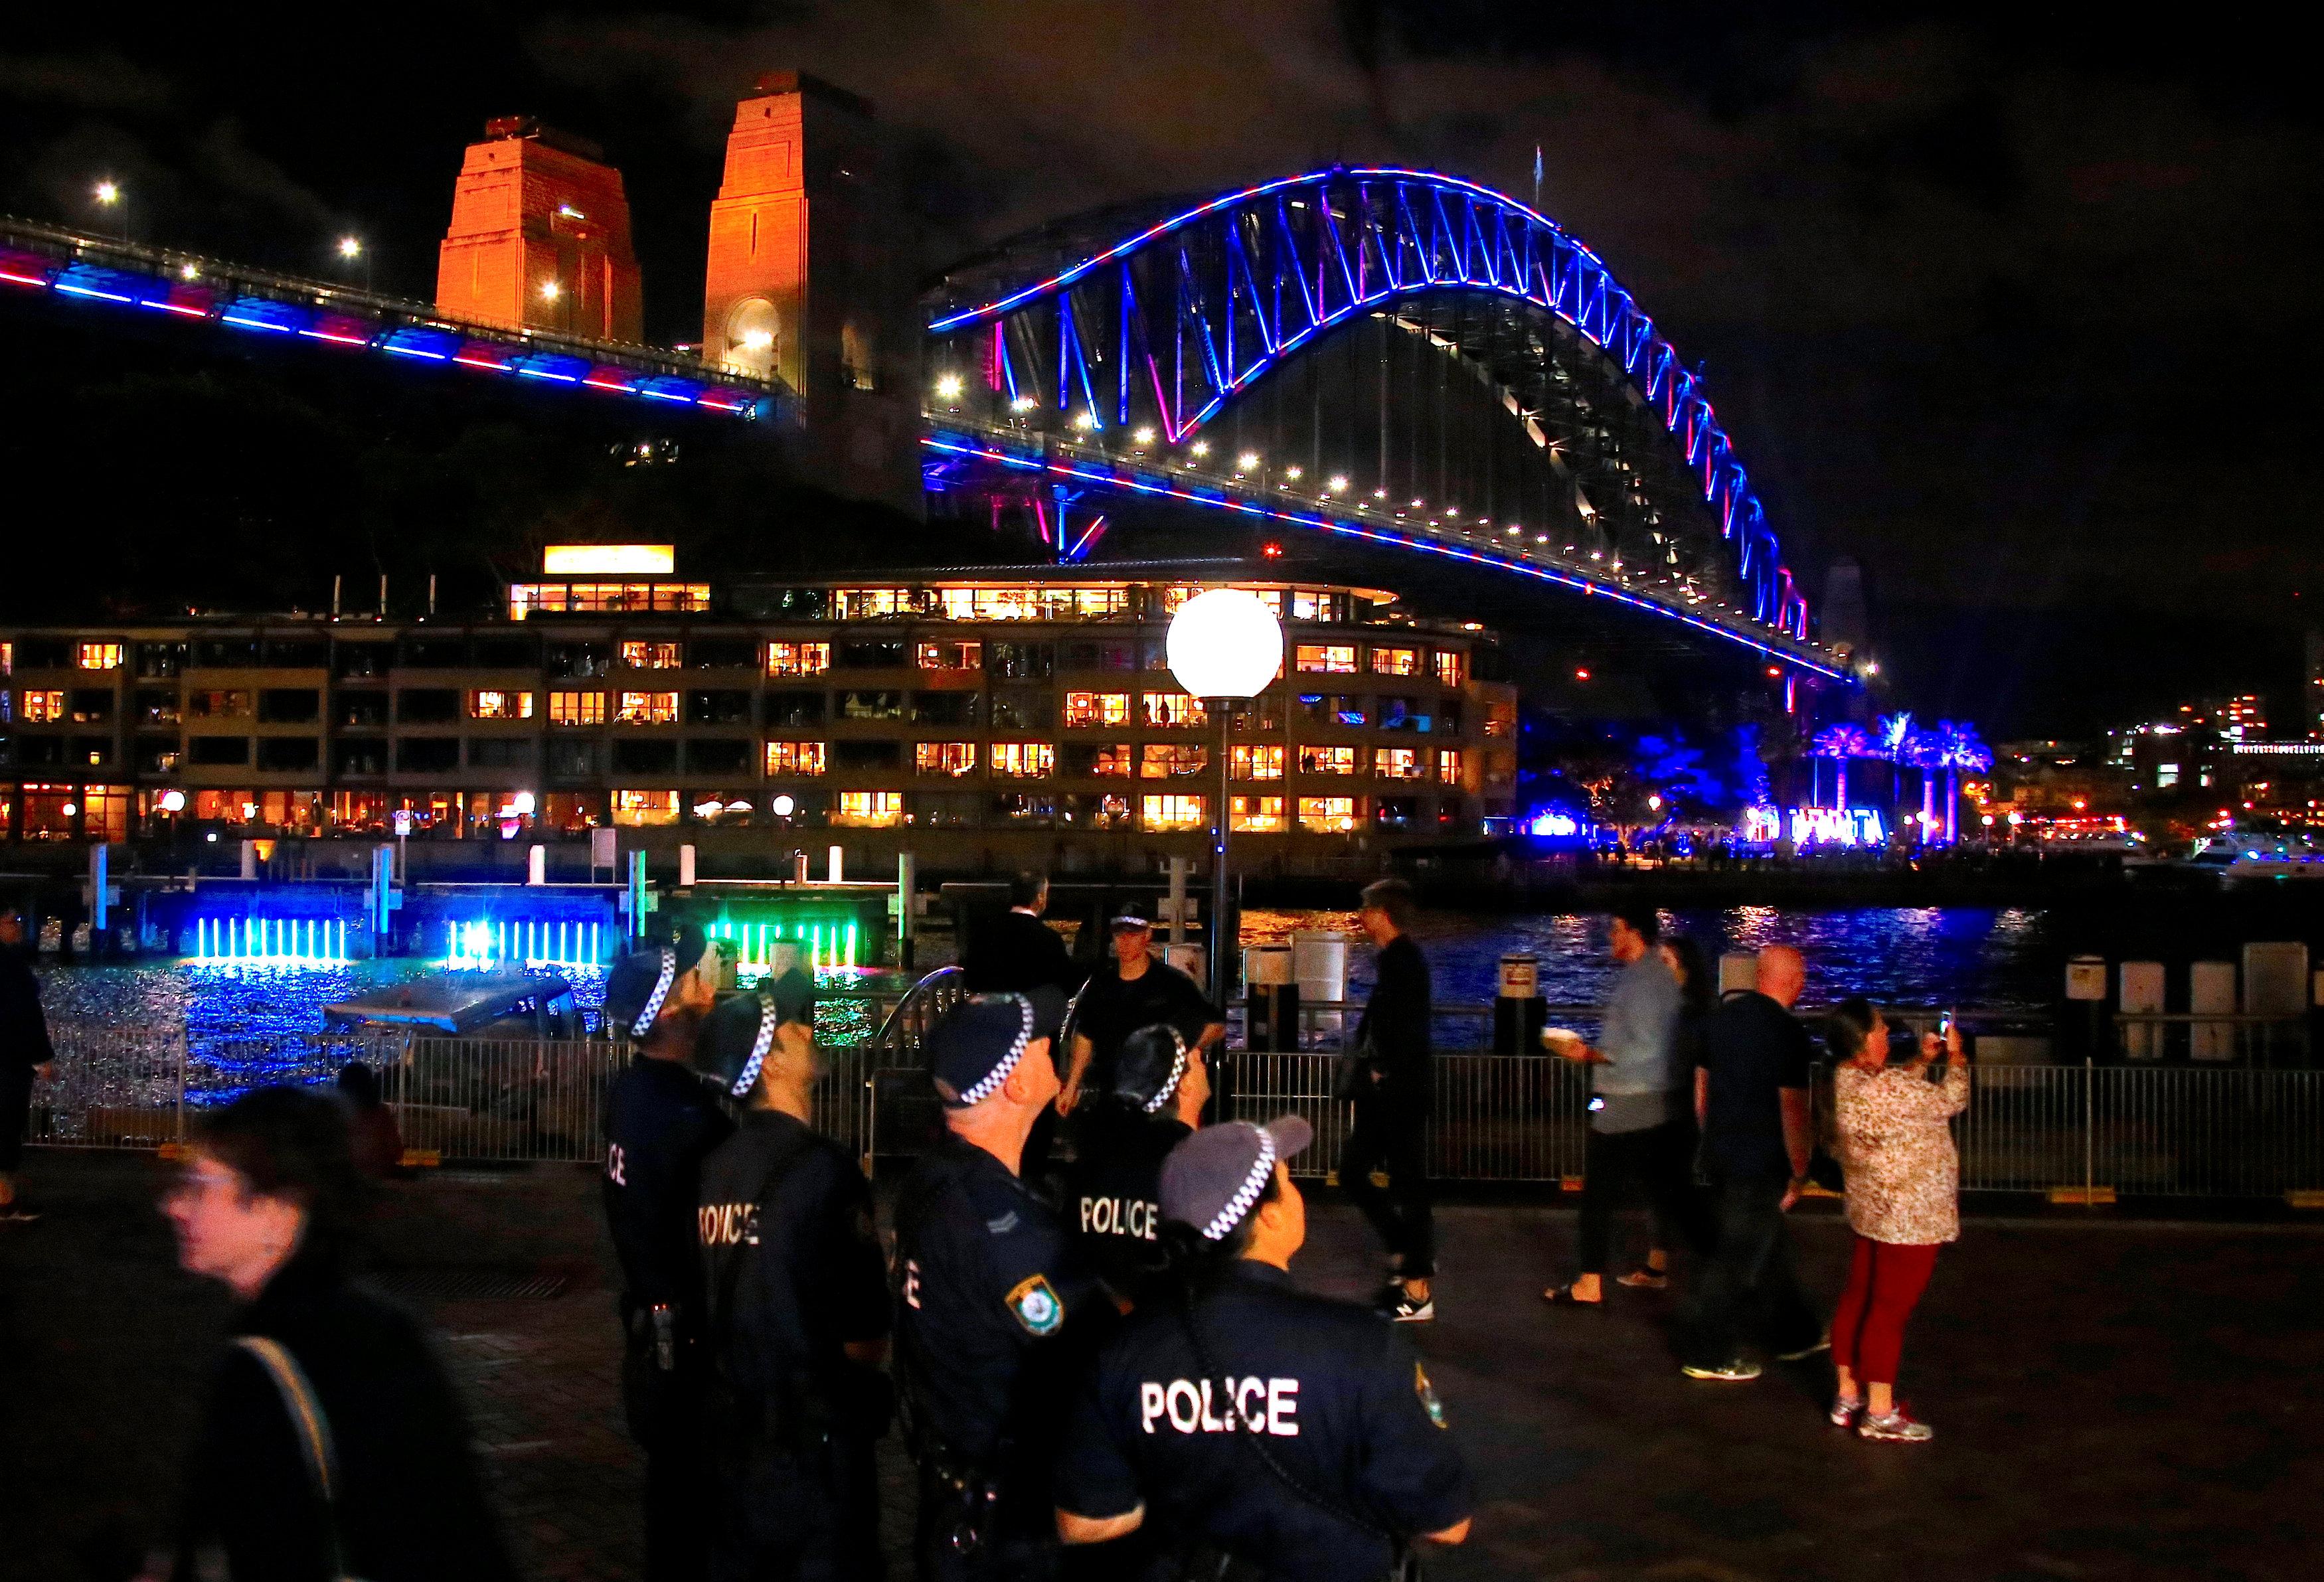 الشرطة الأسترالية تؤمن المحتفلون بمهرجان سيدنى